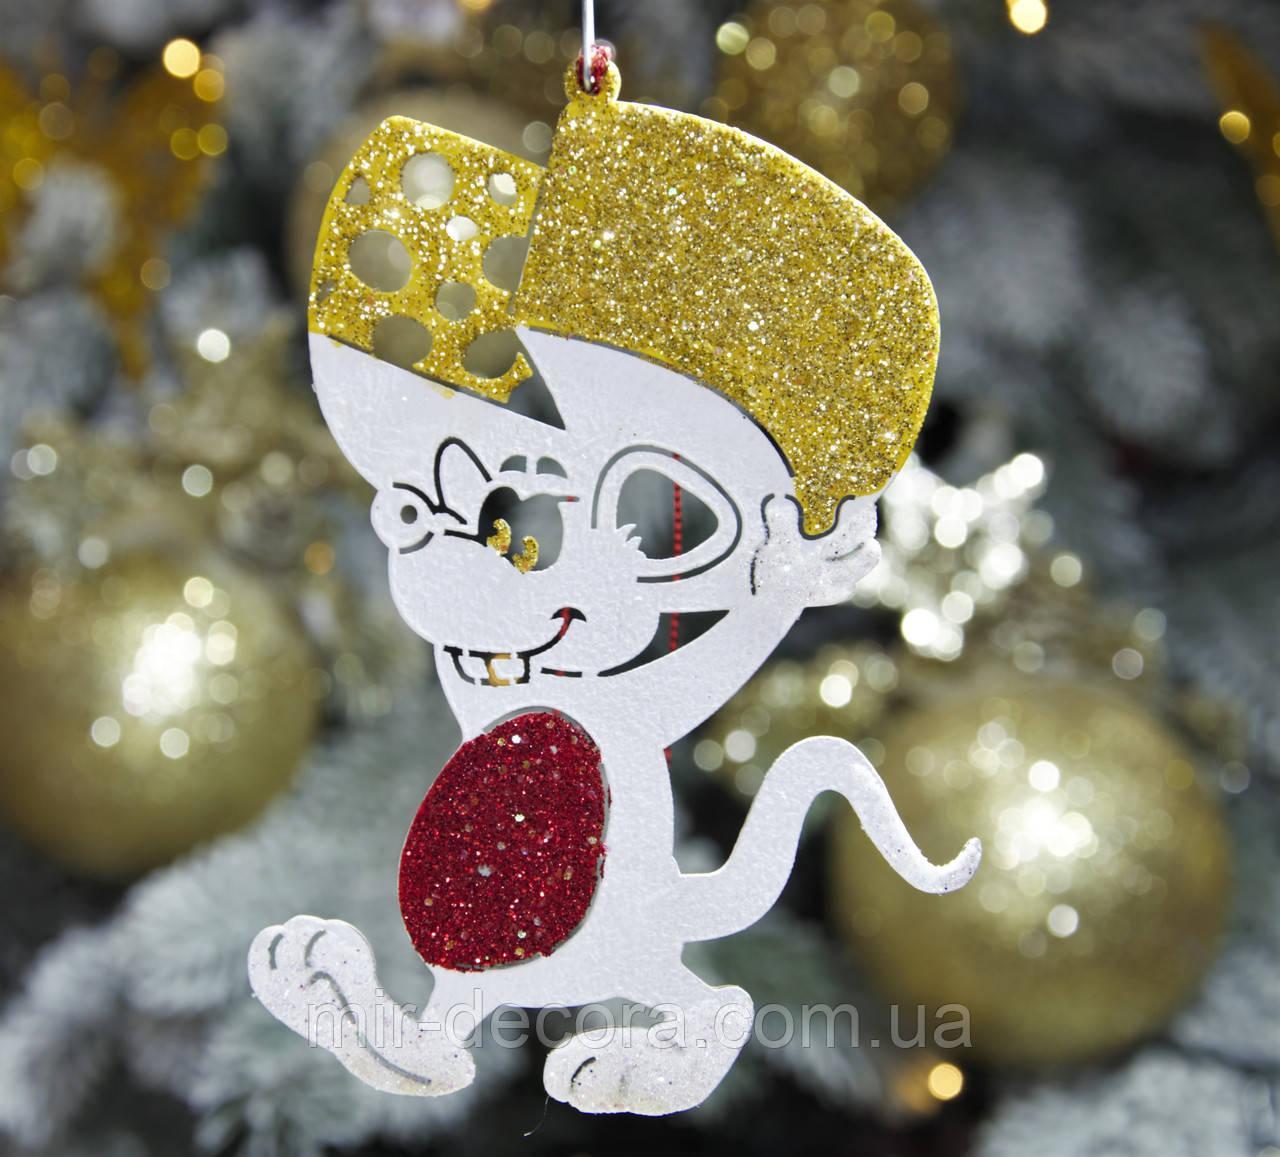 """Мышка на елку игрушка новогодняя """"Мышонок любитель сыра"""" высота 12 см, голубая"""